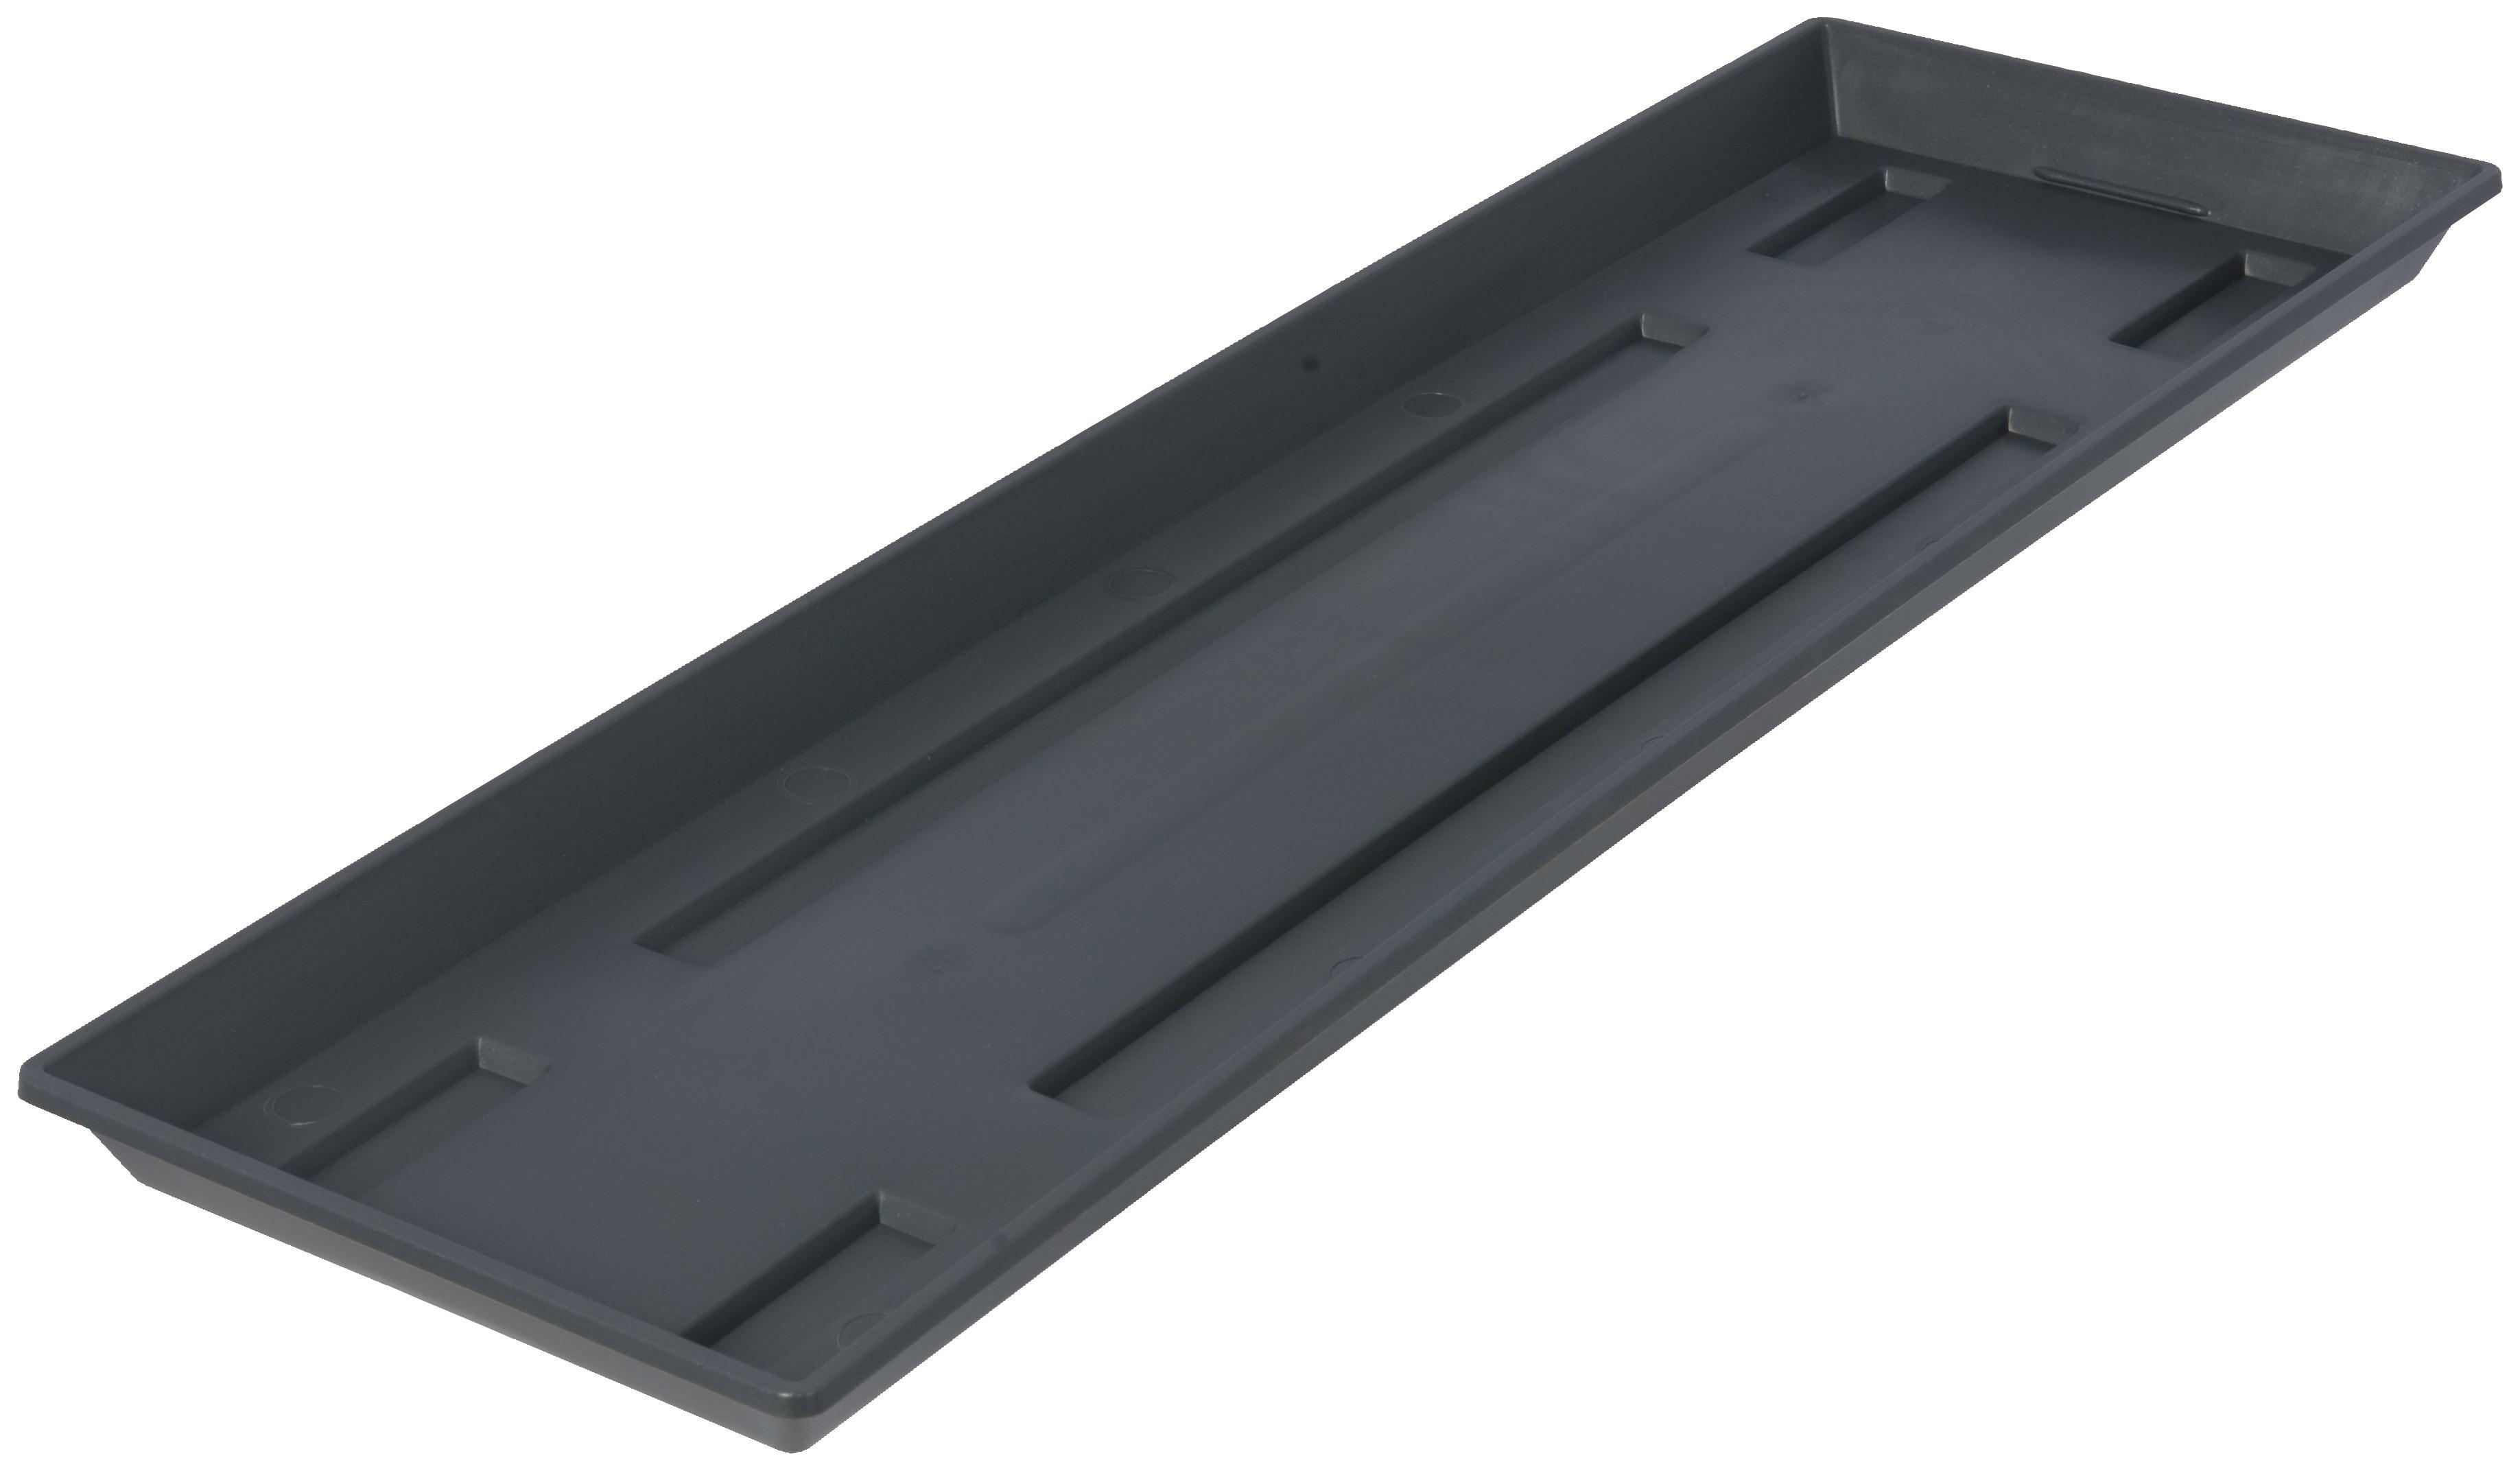 blumenkasten untersetzer gro e ausf hrung 80 cm anthrazit. Black Bedroom Furniture Sets. Home Design Ideas